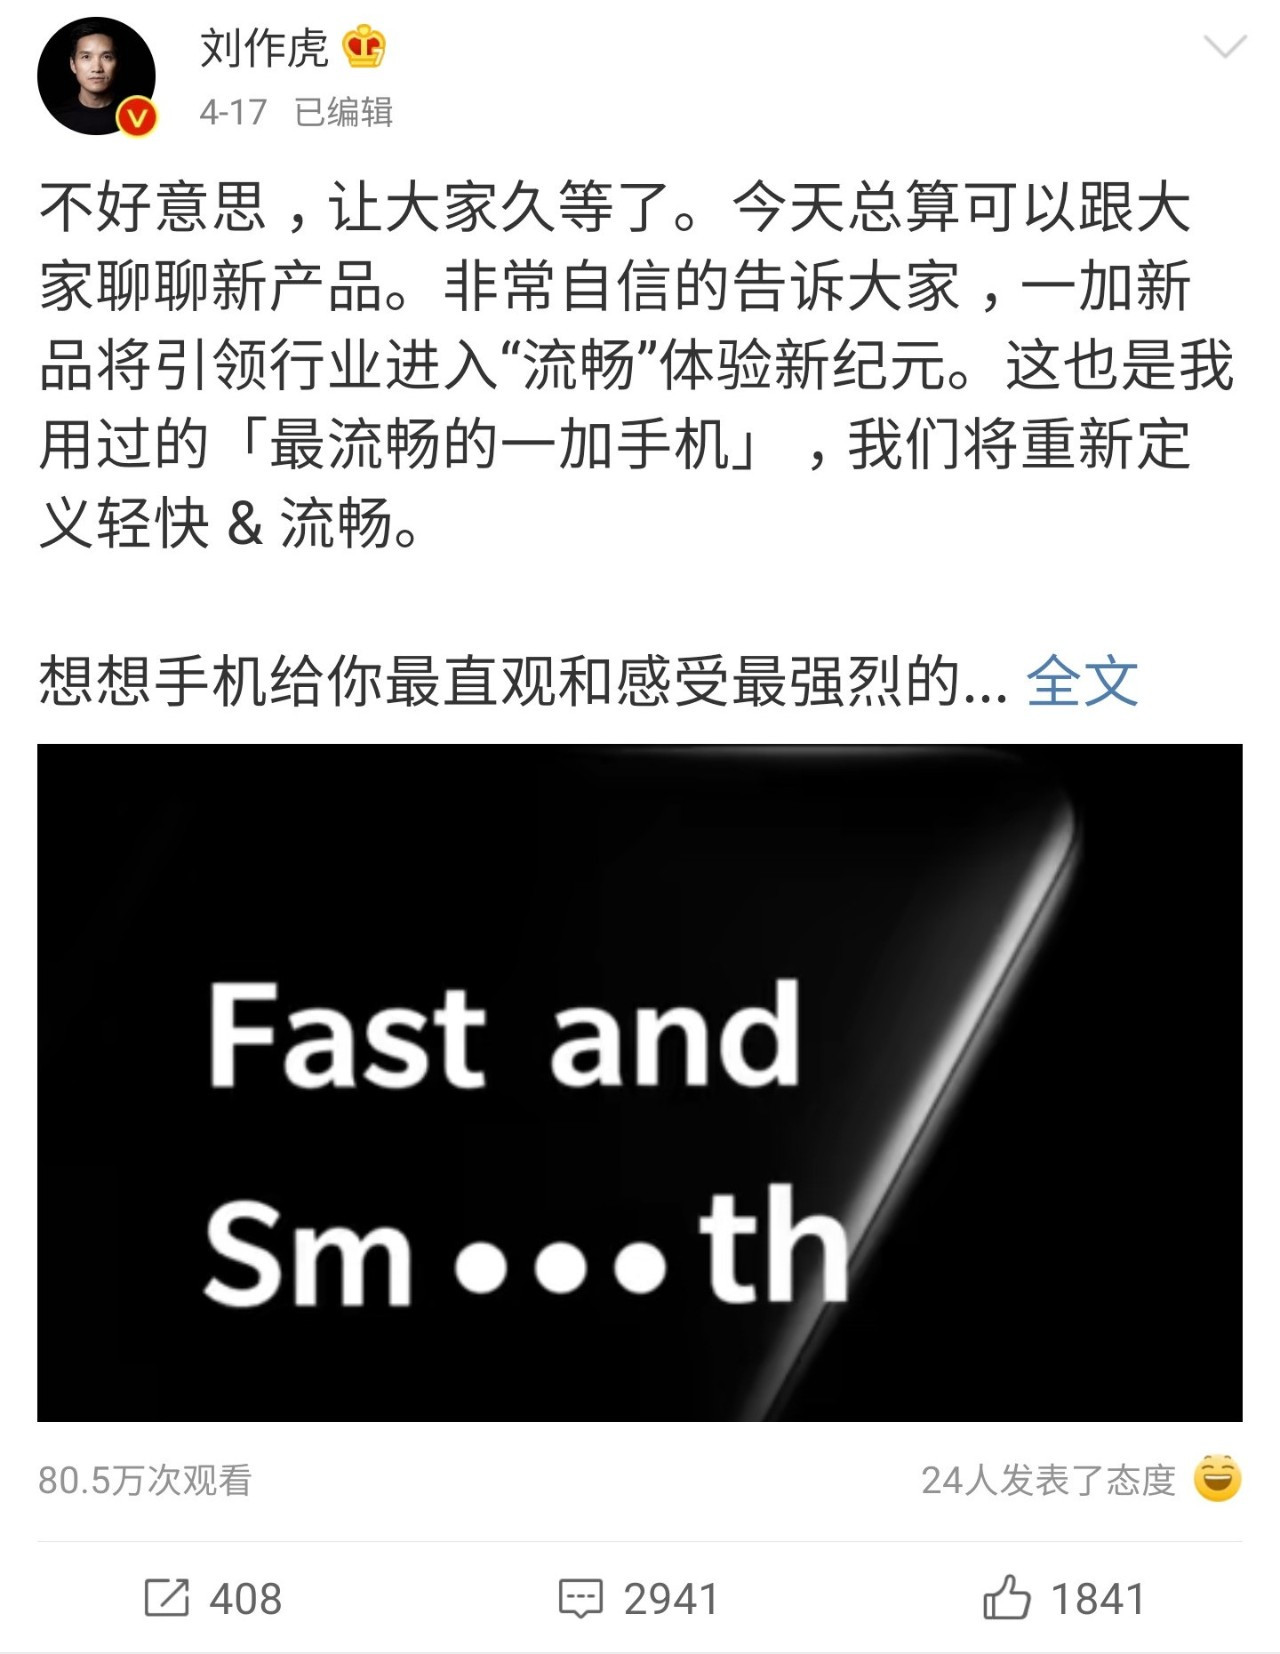 一加7 Pro官宣:系统流畅度完胜苹果 iOS 网友:坐等打脸